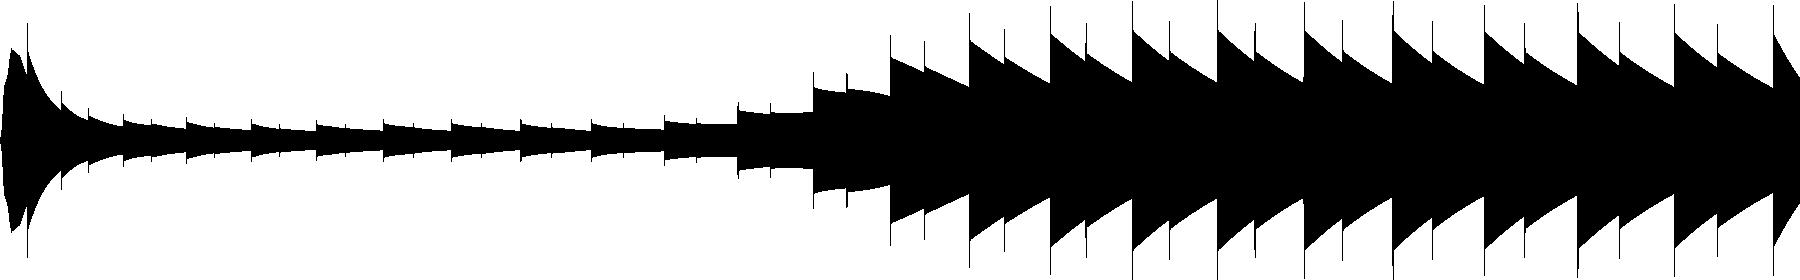 shortbass 06